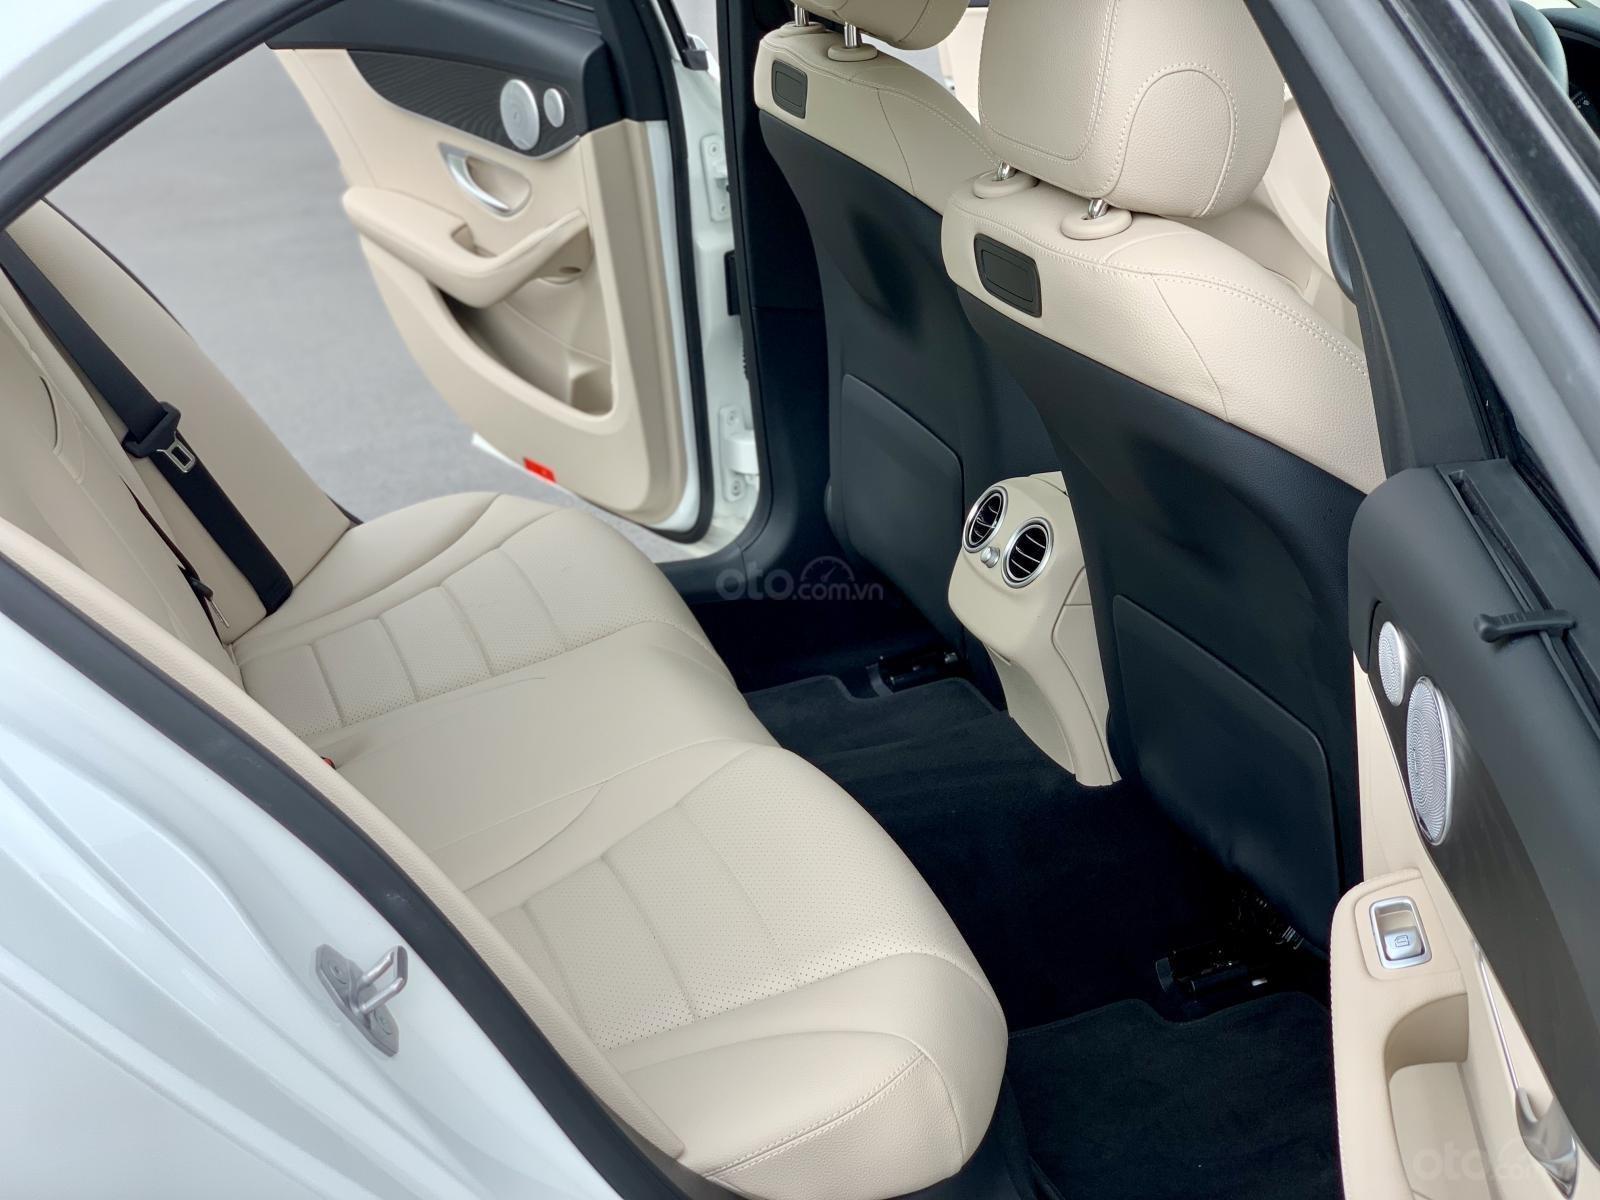 Cần bán Mercedes C200 2018, màu trắng /kem hộp số 9 cấp, loa bumaster (15)